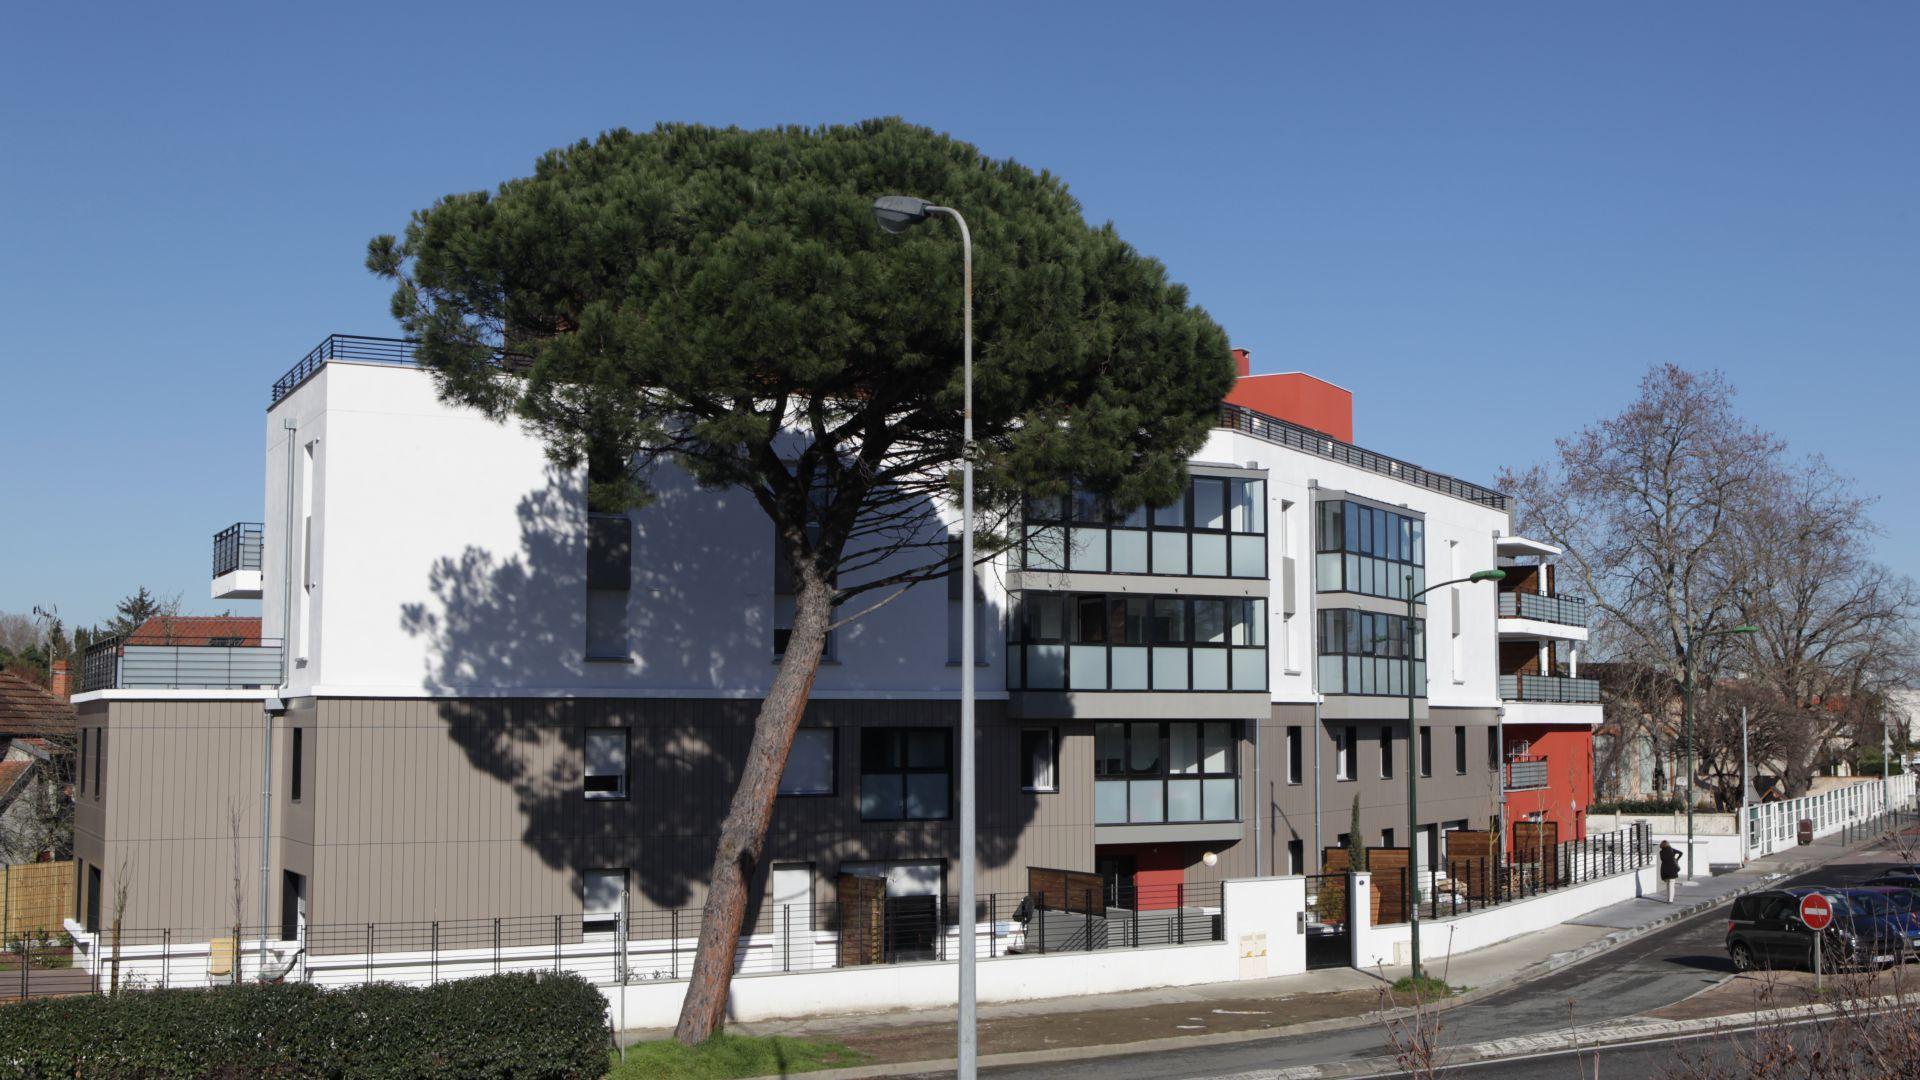 Greencity Immobilier - Résidence Côté 7 Deniers - 31200 Toulouse - Location